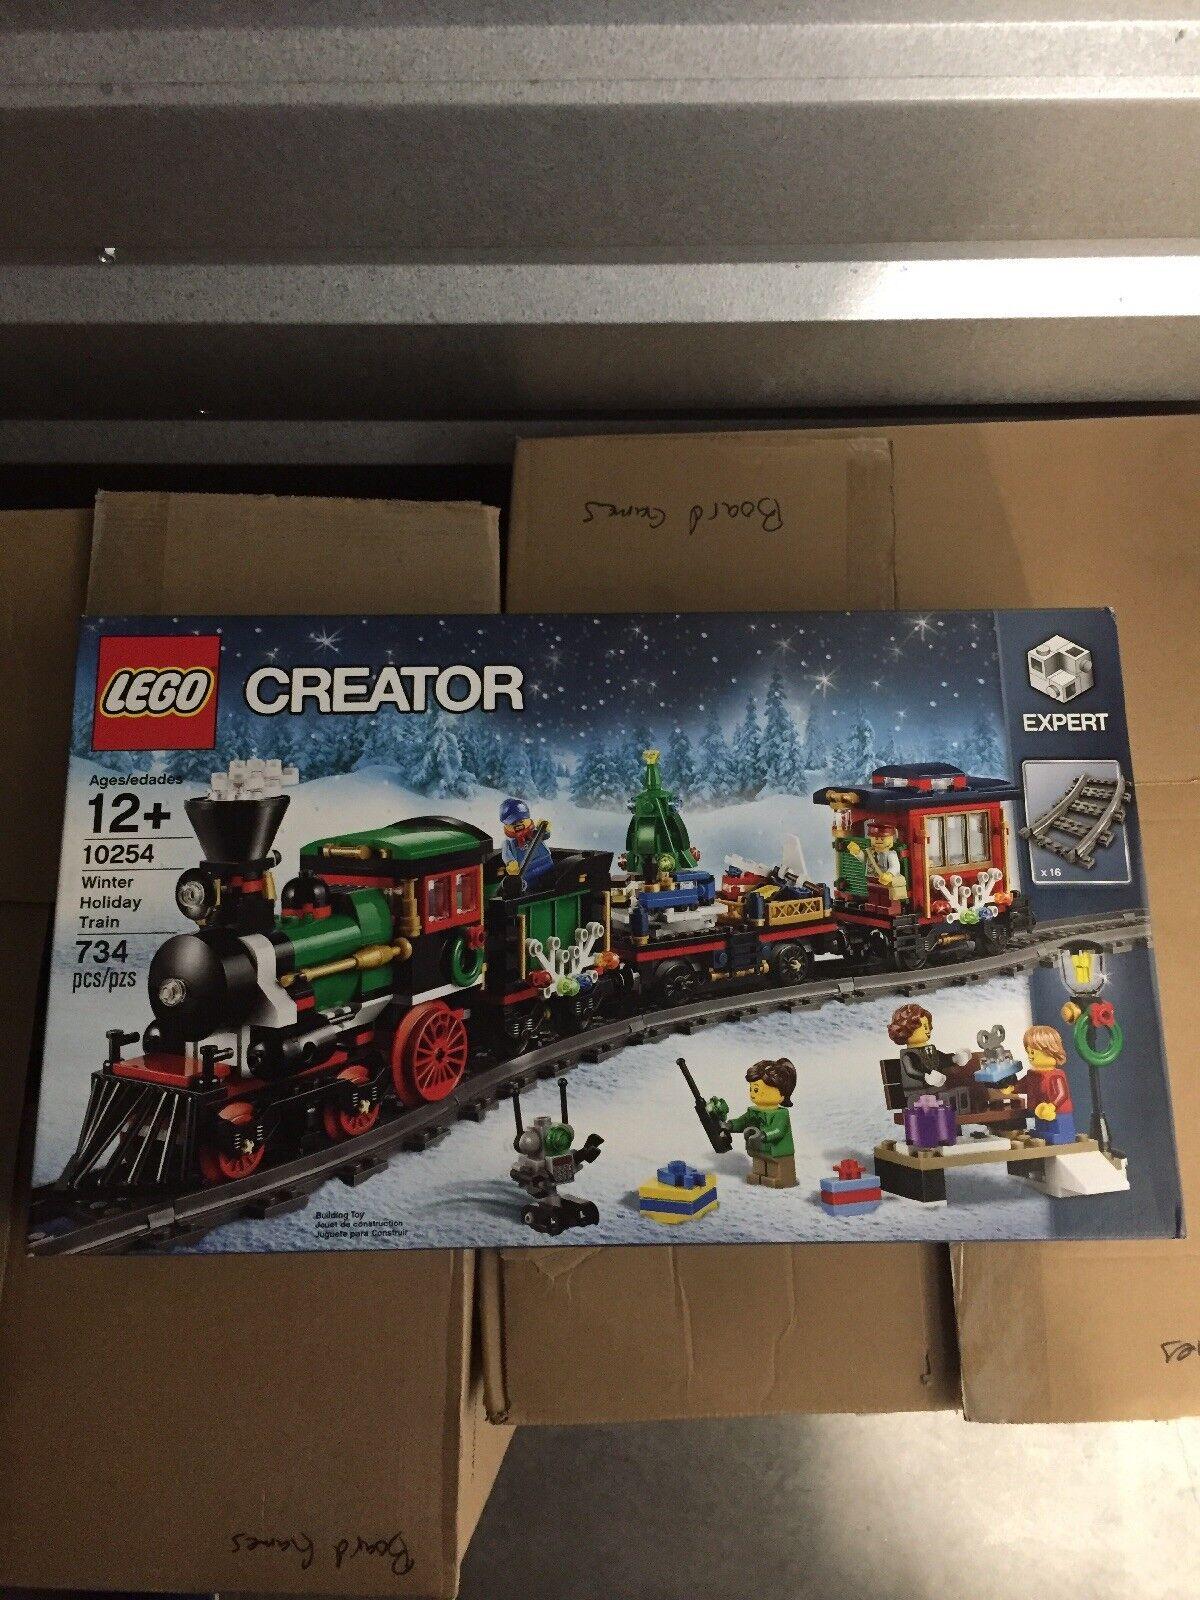 Skaparen av Lego Winter Holiday Train (10254) Ny  förseglad Svårt att hitta och sälja ut